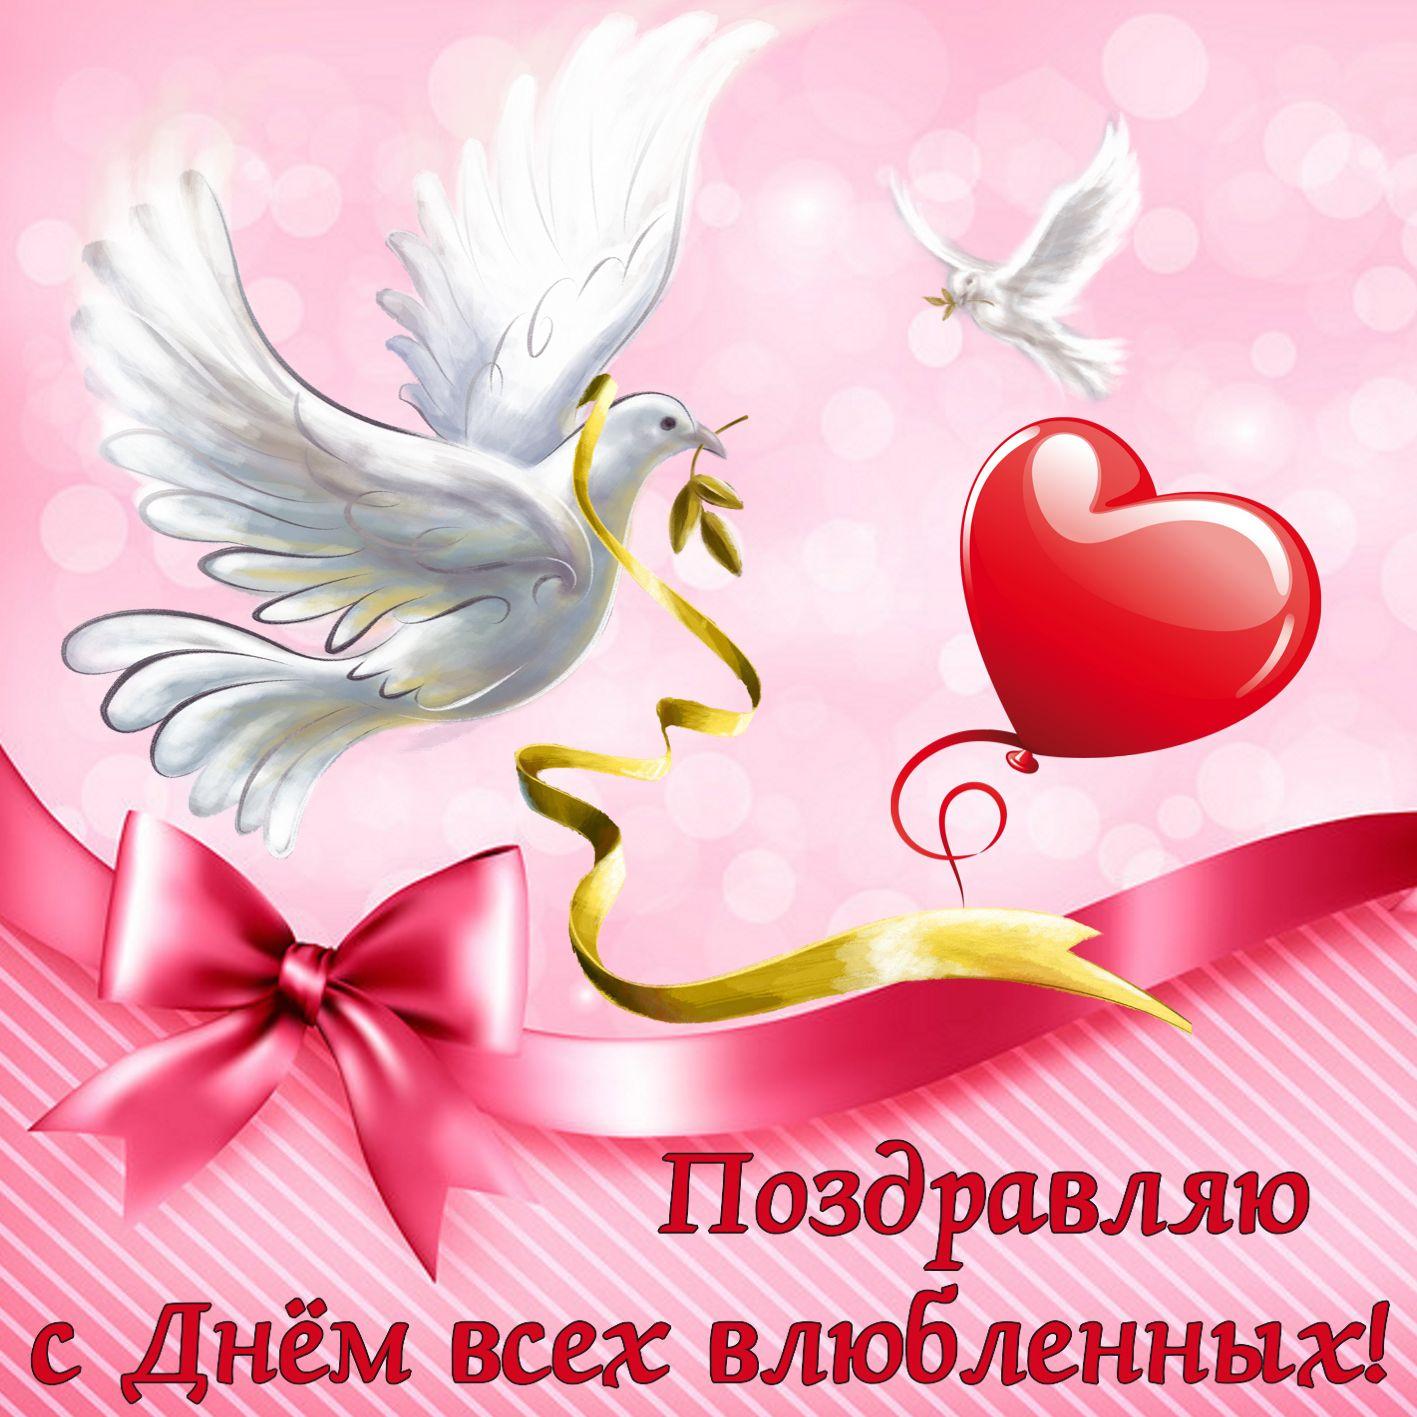 Картинки с надписью день влюбленных